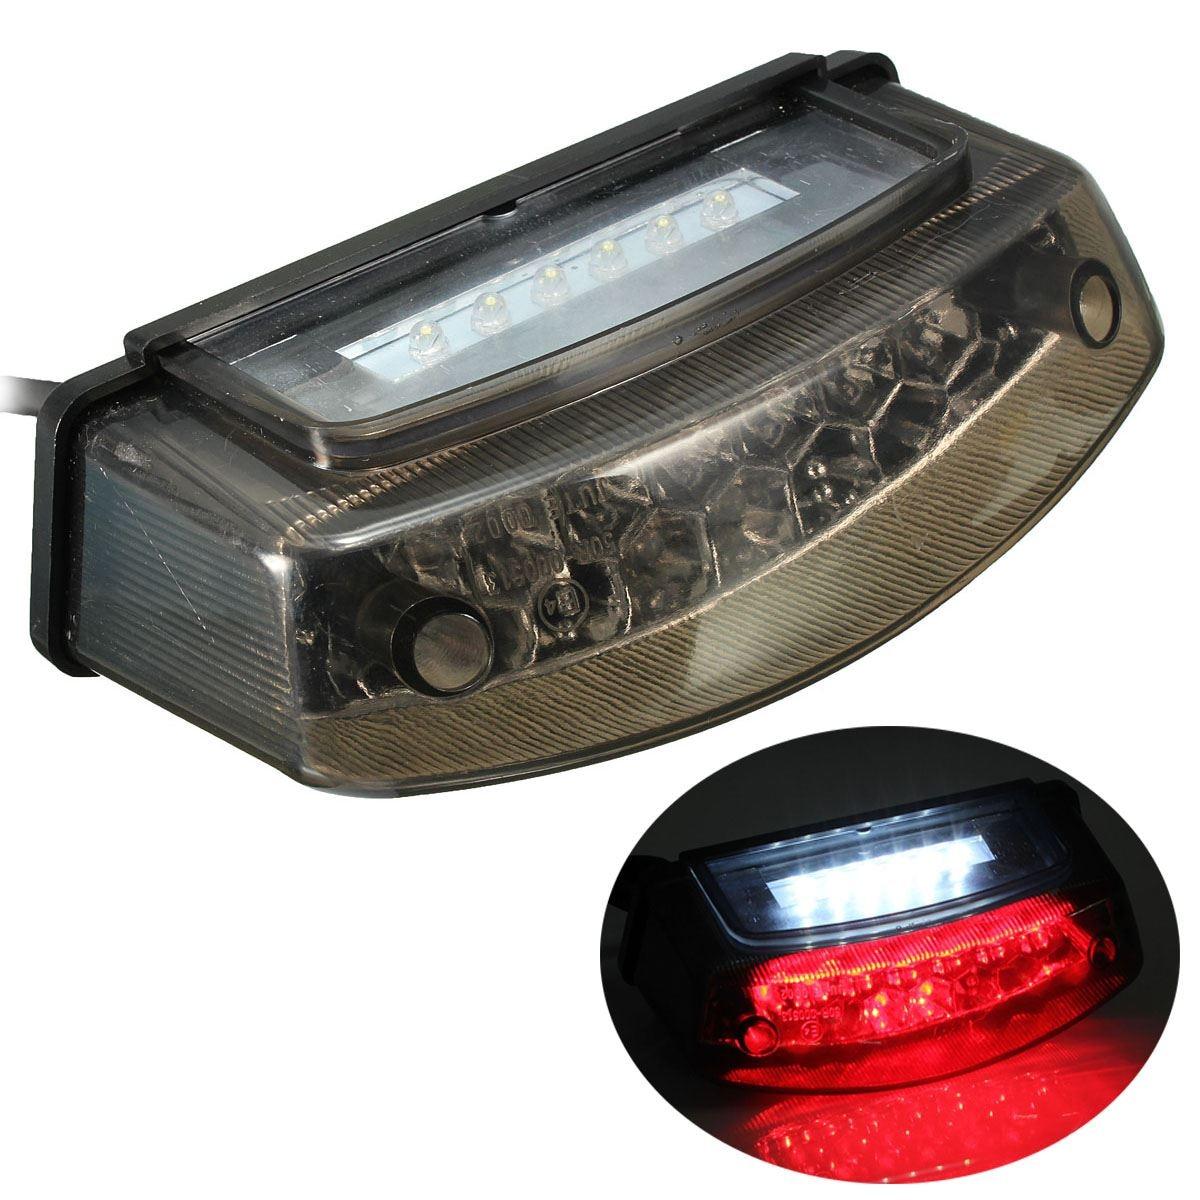 12 V LED Universal Moto Frein de Queue De Lumière de Plaque D'immatriculation Lampe Feu Stop arrière Pour Harley-Davidson pour Honda pour Suzuki